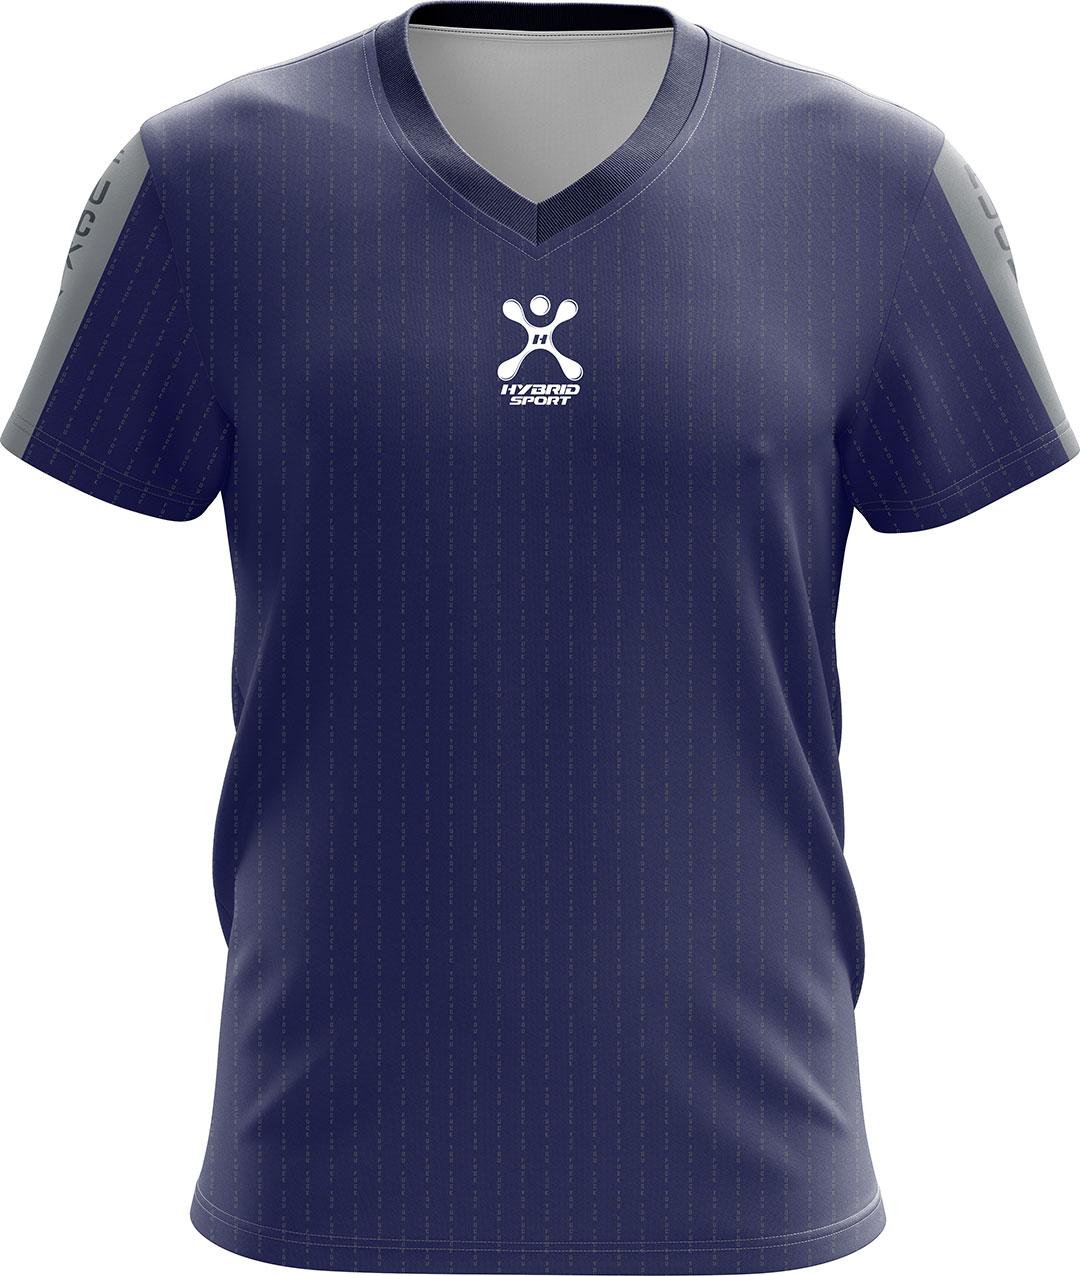 เสื้อ Hybrid Sport รุ่น'' NEW Fxxk You''Limited Edition สีน้ำเงิน / Silver Blue